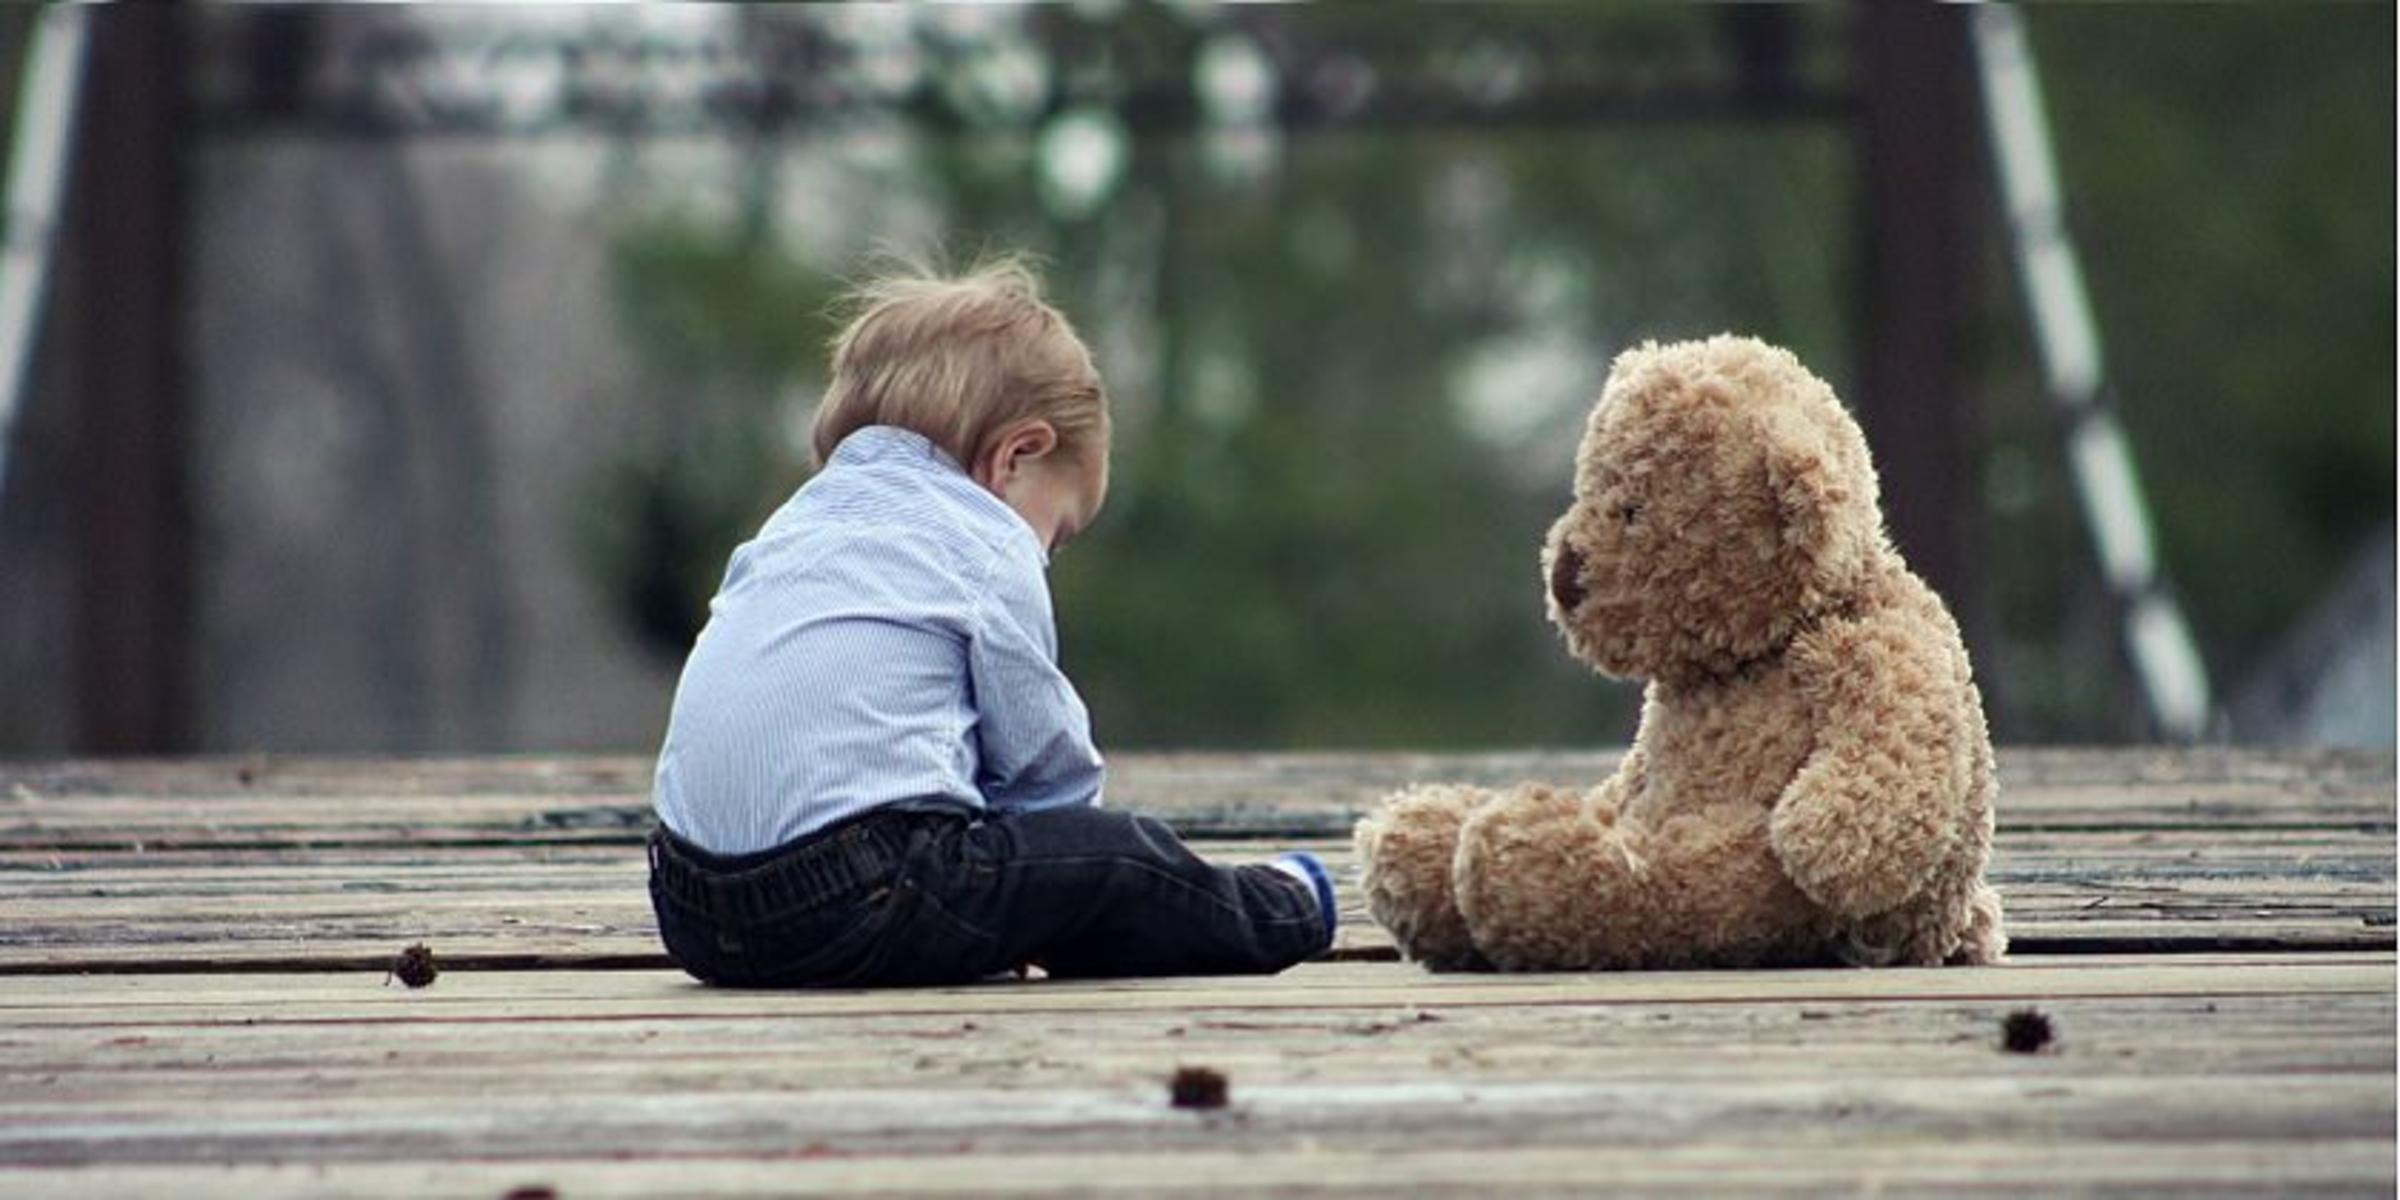 Γονείς προφίλ: Γιατί κάποιος μπορεί να εγκαταλείψει το παιδί του